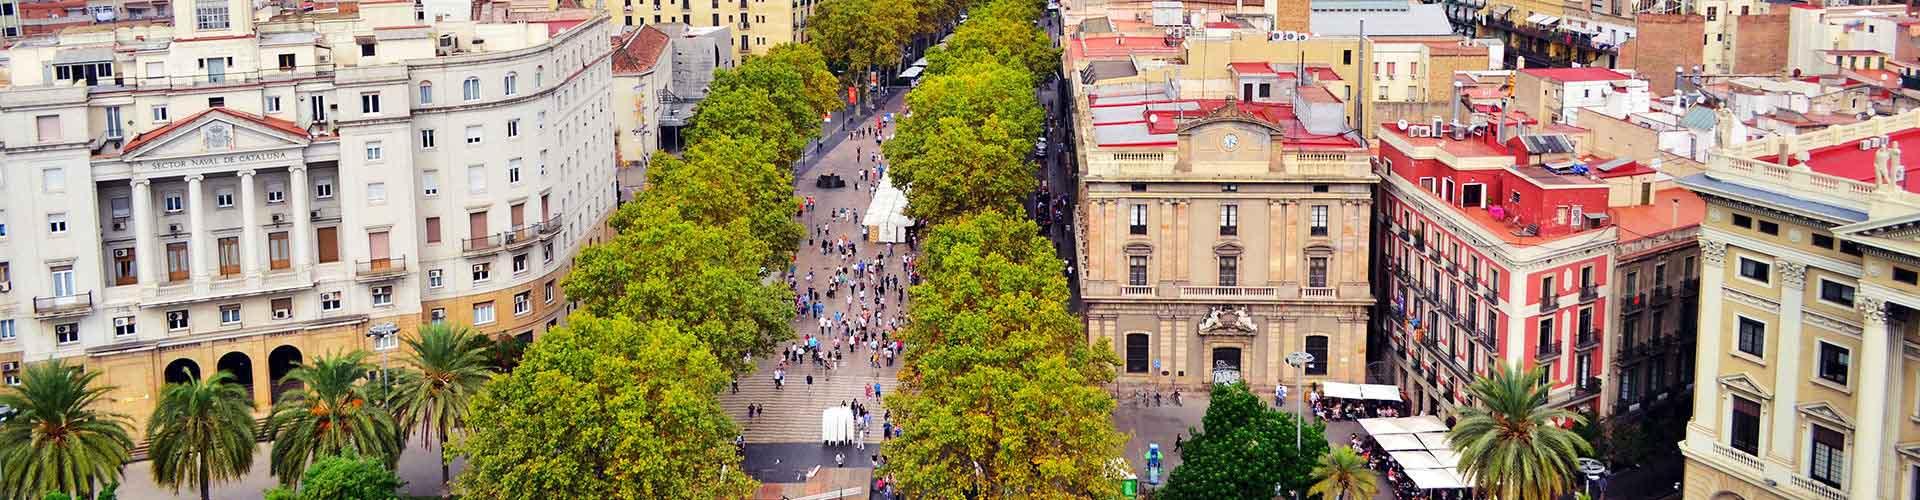 Barcelone - Auberges de jeunesse près de Las Ramblas. Cartes pour Barcelone, photos et commentaires pour chaque auberge de jeunesse à Barcelone.